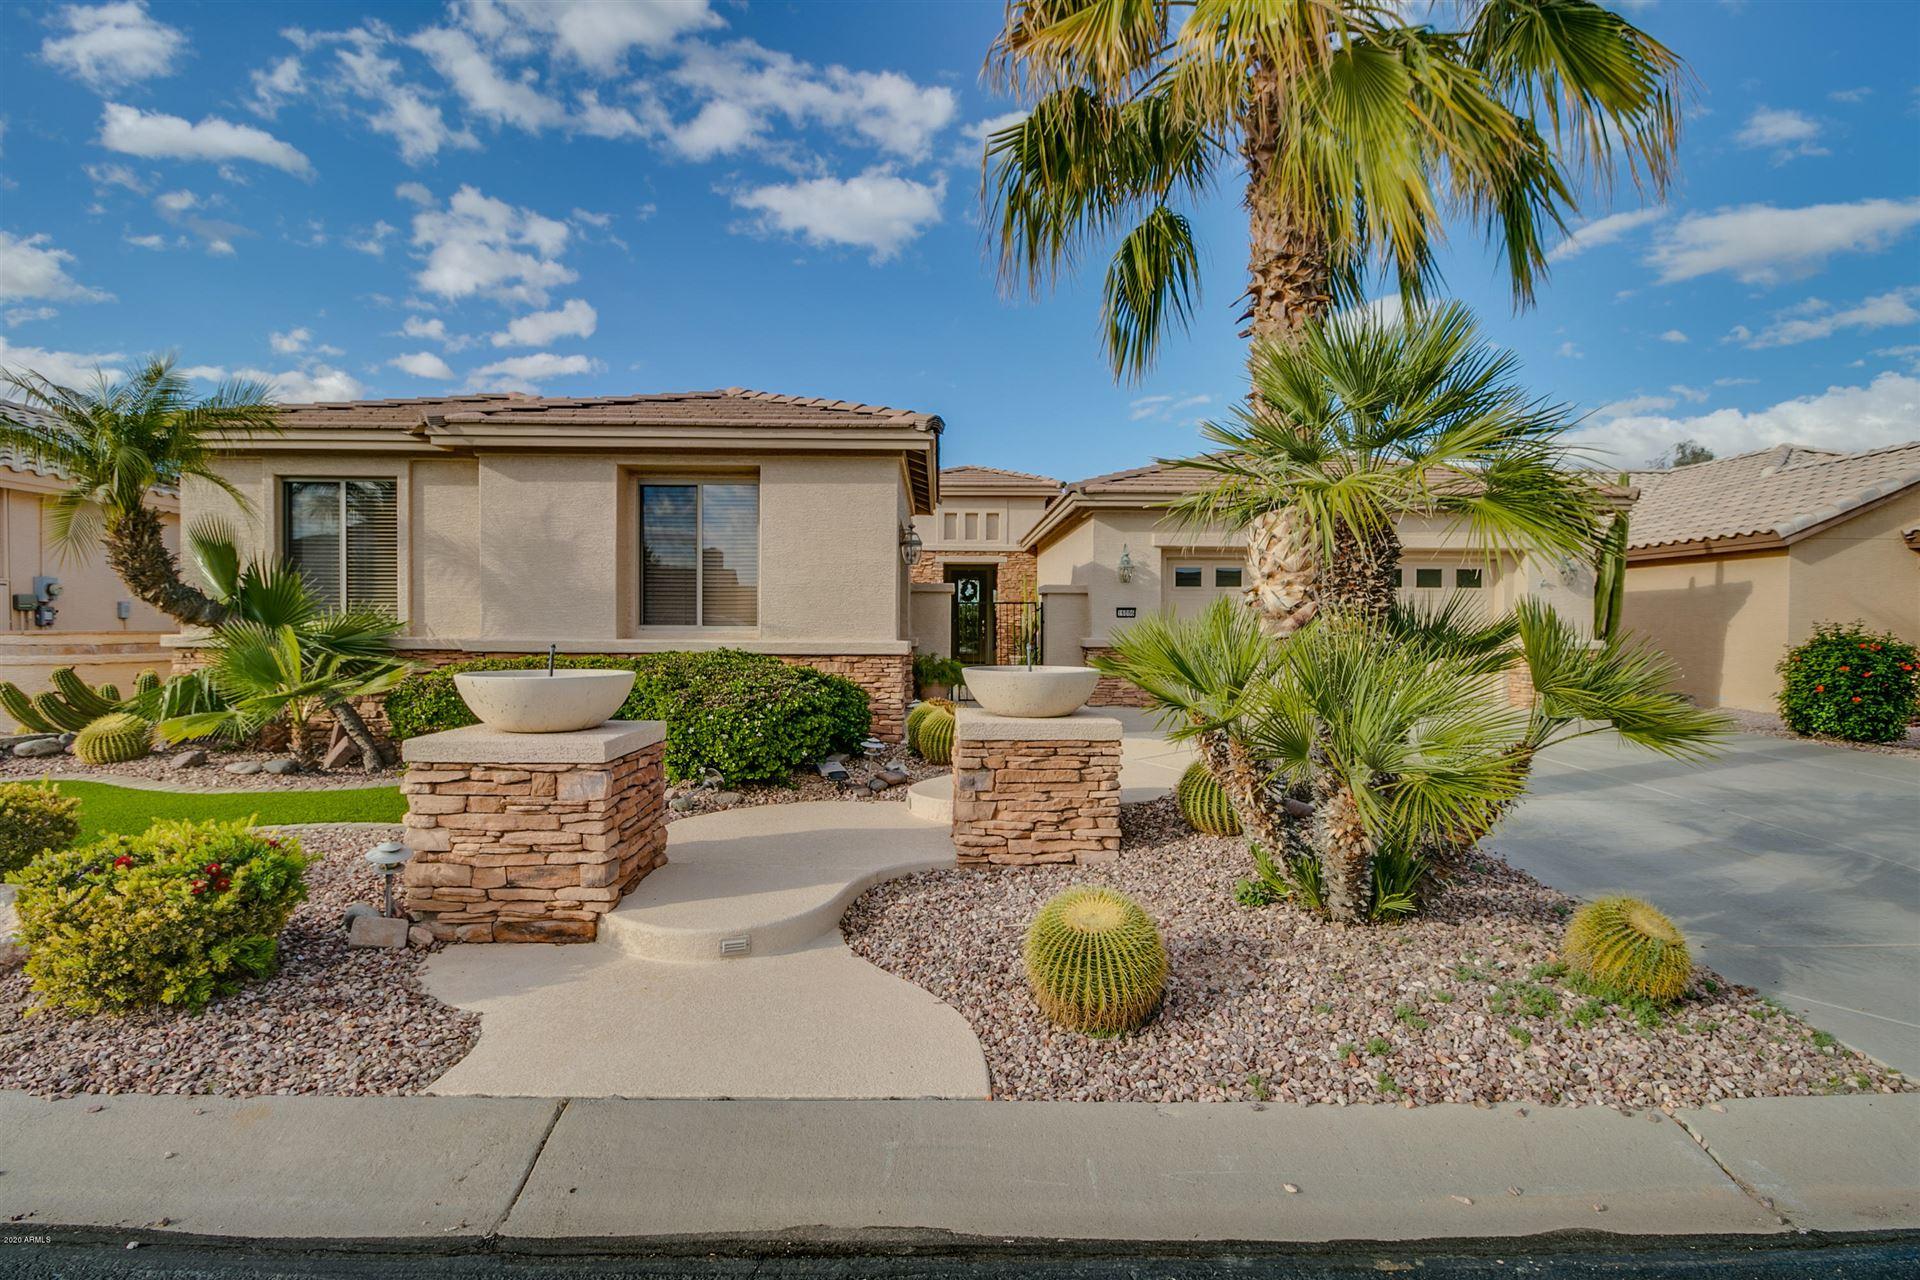 16086 W SHEILA Lane, Goodyear, AZ 85395 - #: 6052017